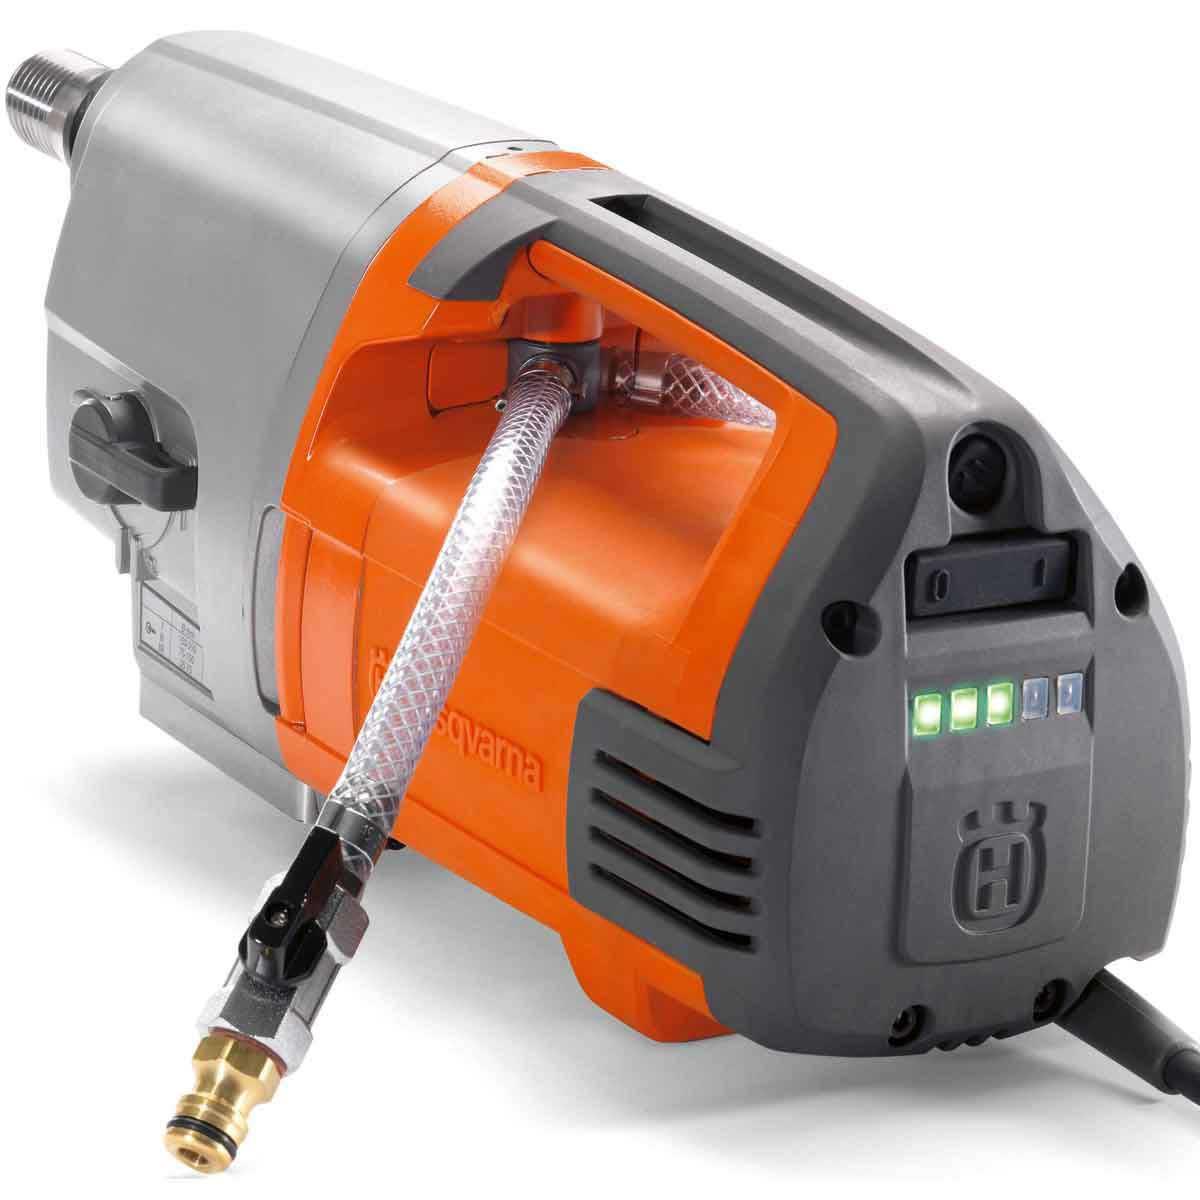 Husqvarna DM340 Motor Drill water